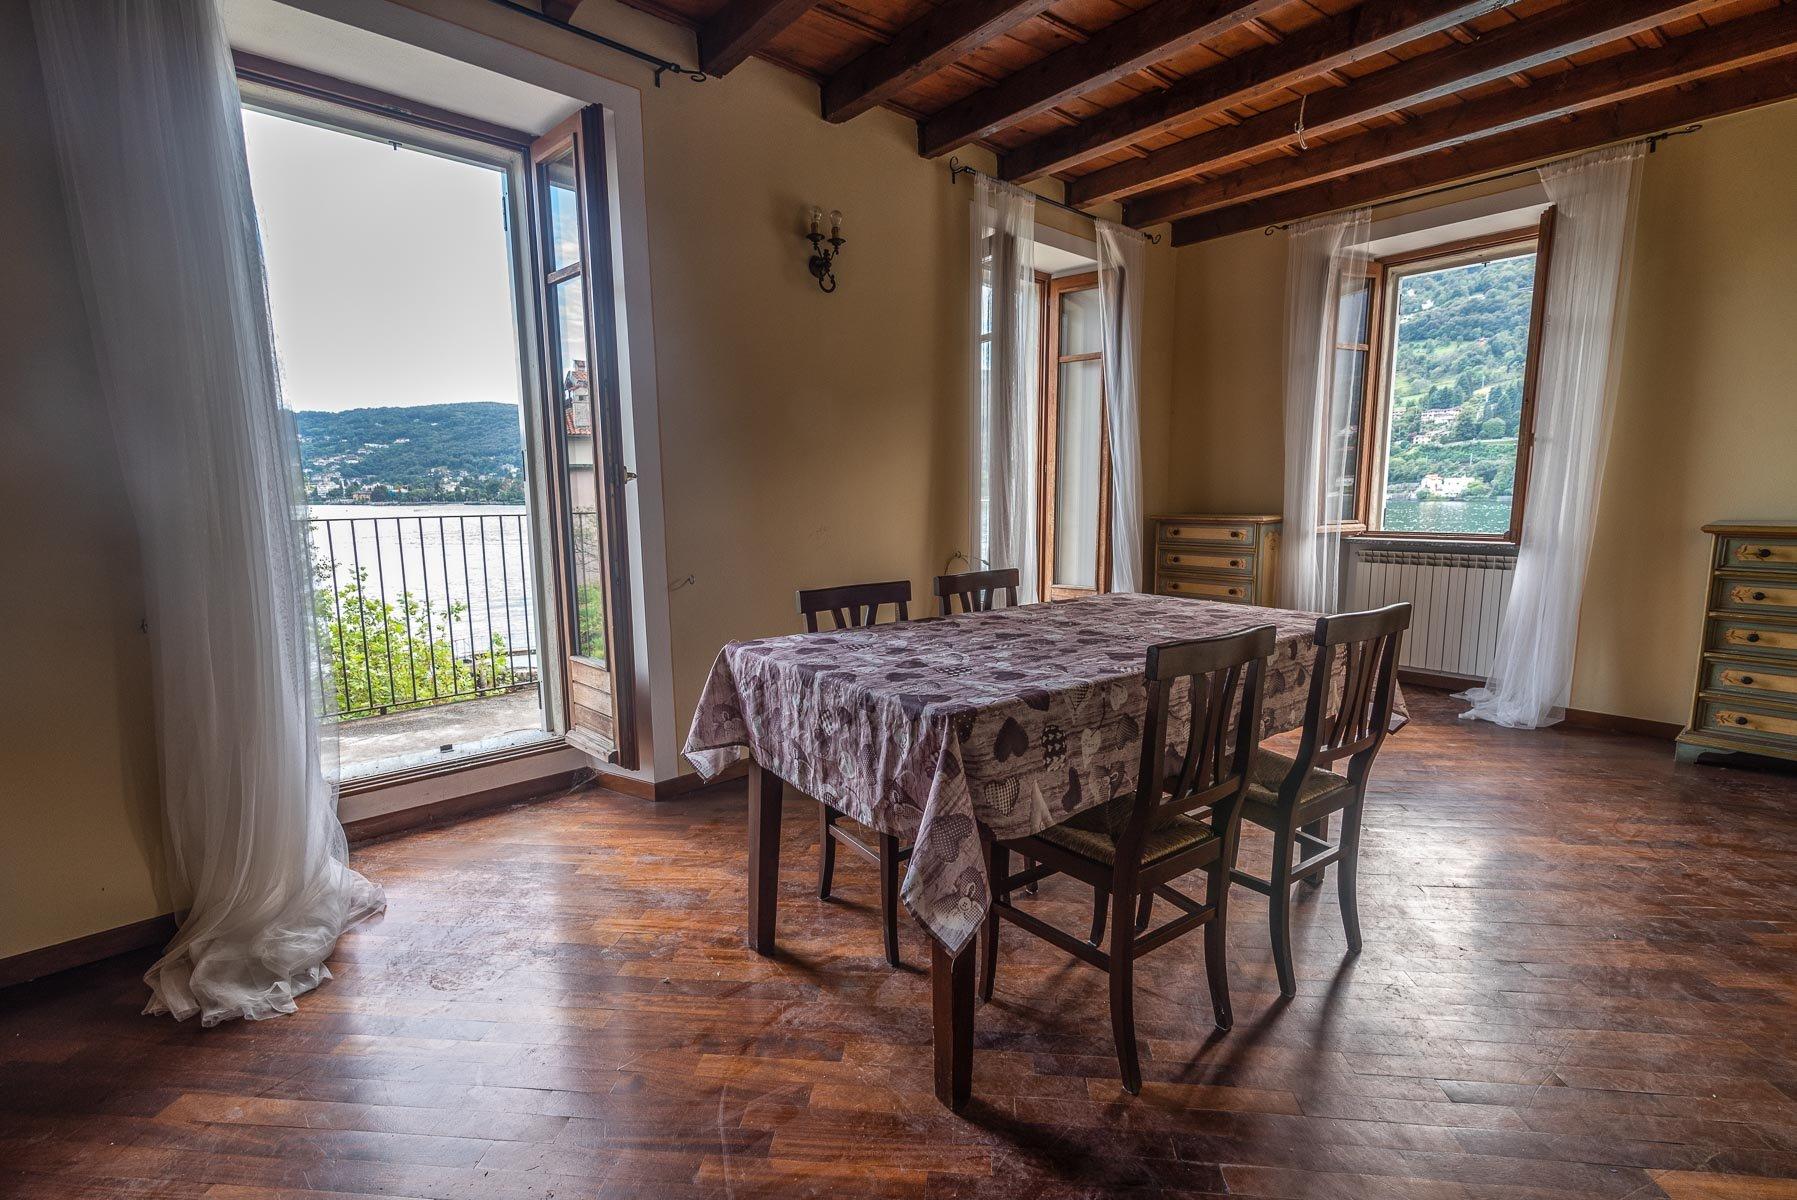 Appartamento in vendita sull'Isola Pescatori, Stresa-sala da pranzo con vista